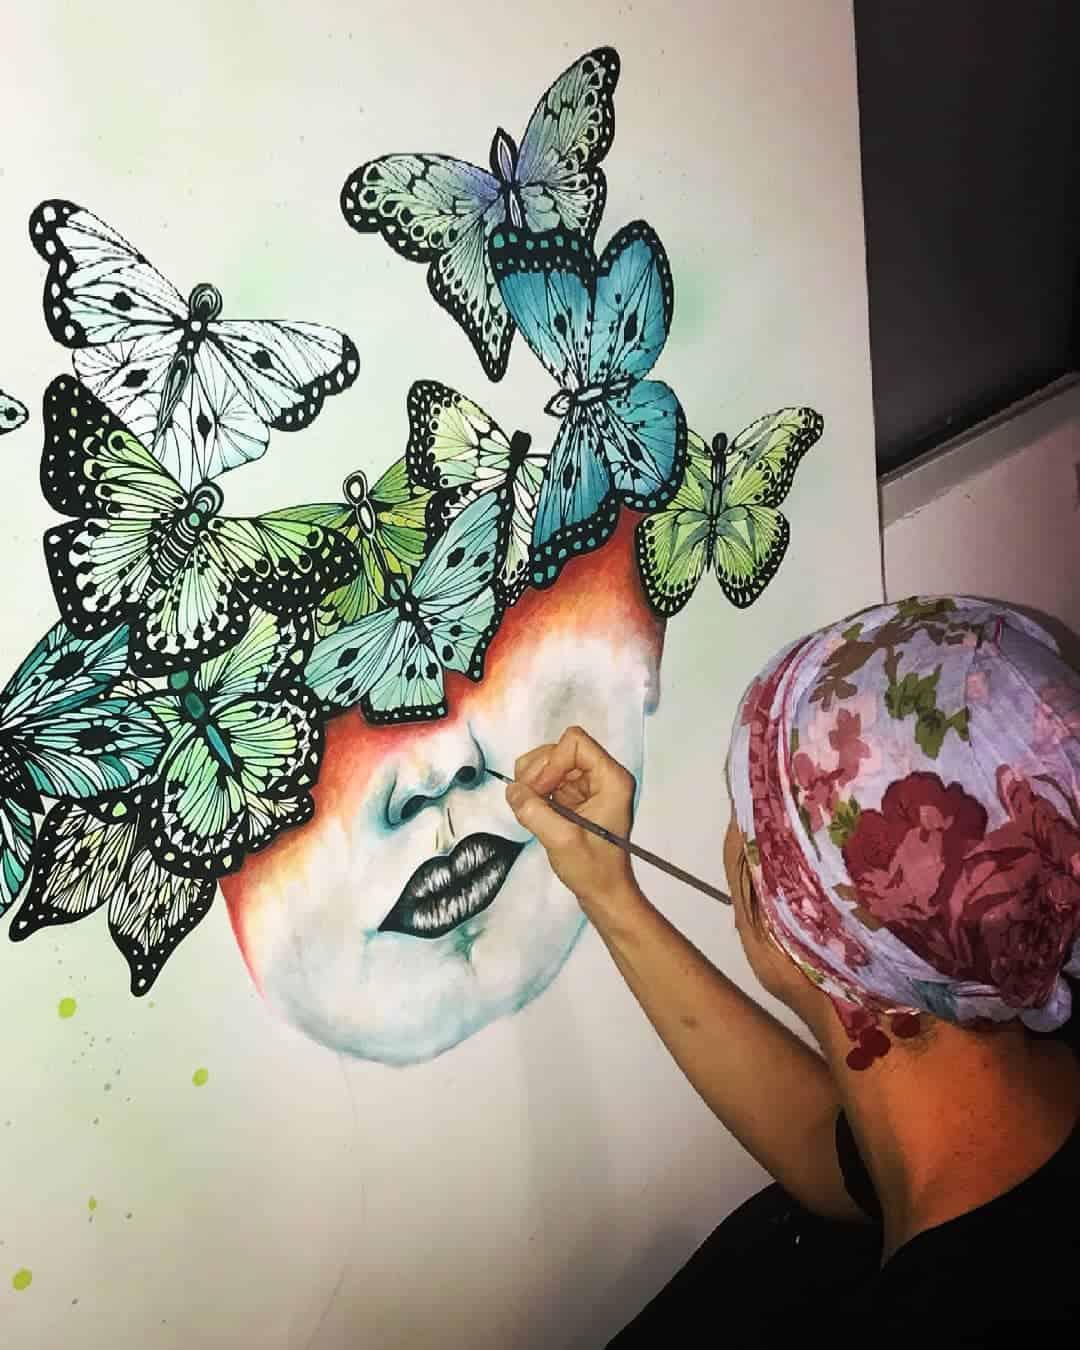 Work in progress by Julie Dalloz